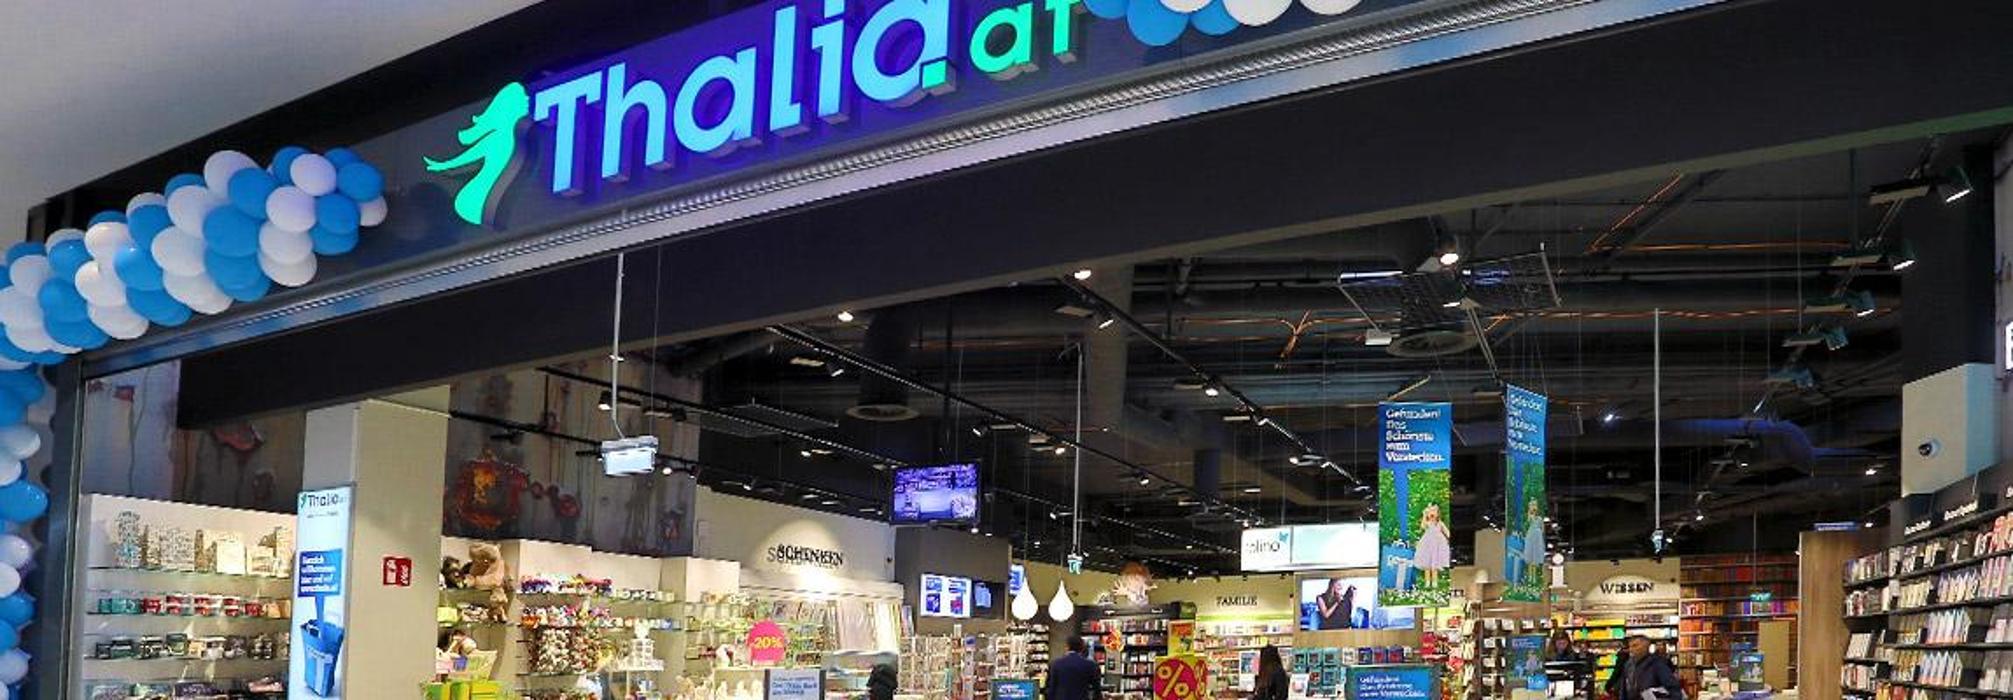 Thalia Wien Huma Eleven Wien Landwehrstraße 4 öffnungszeiten